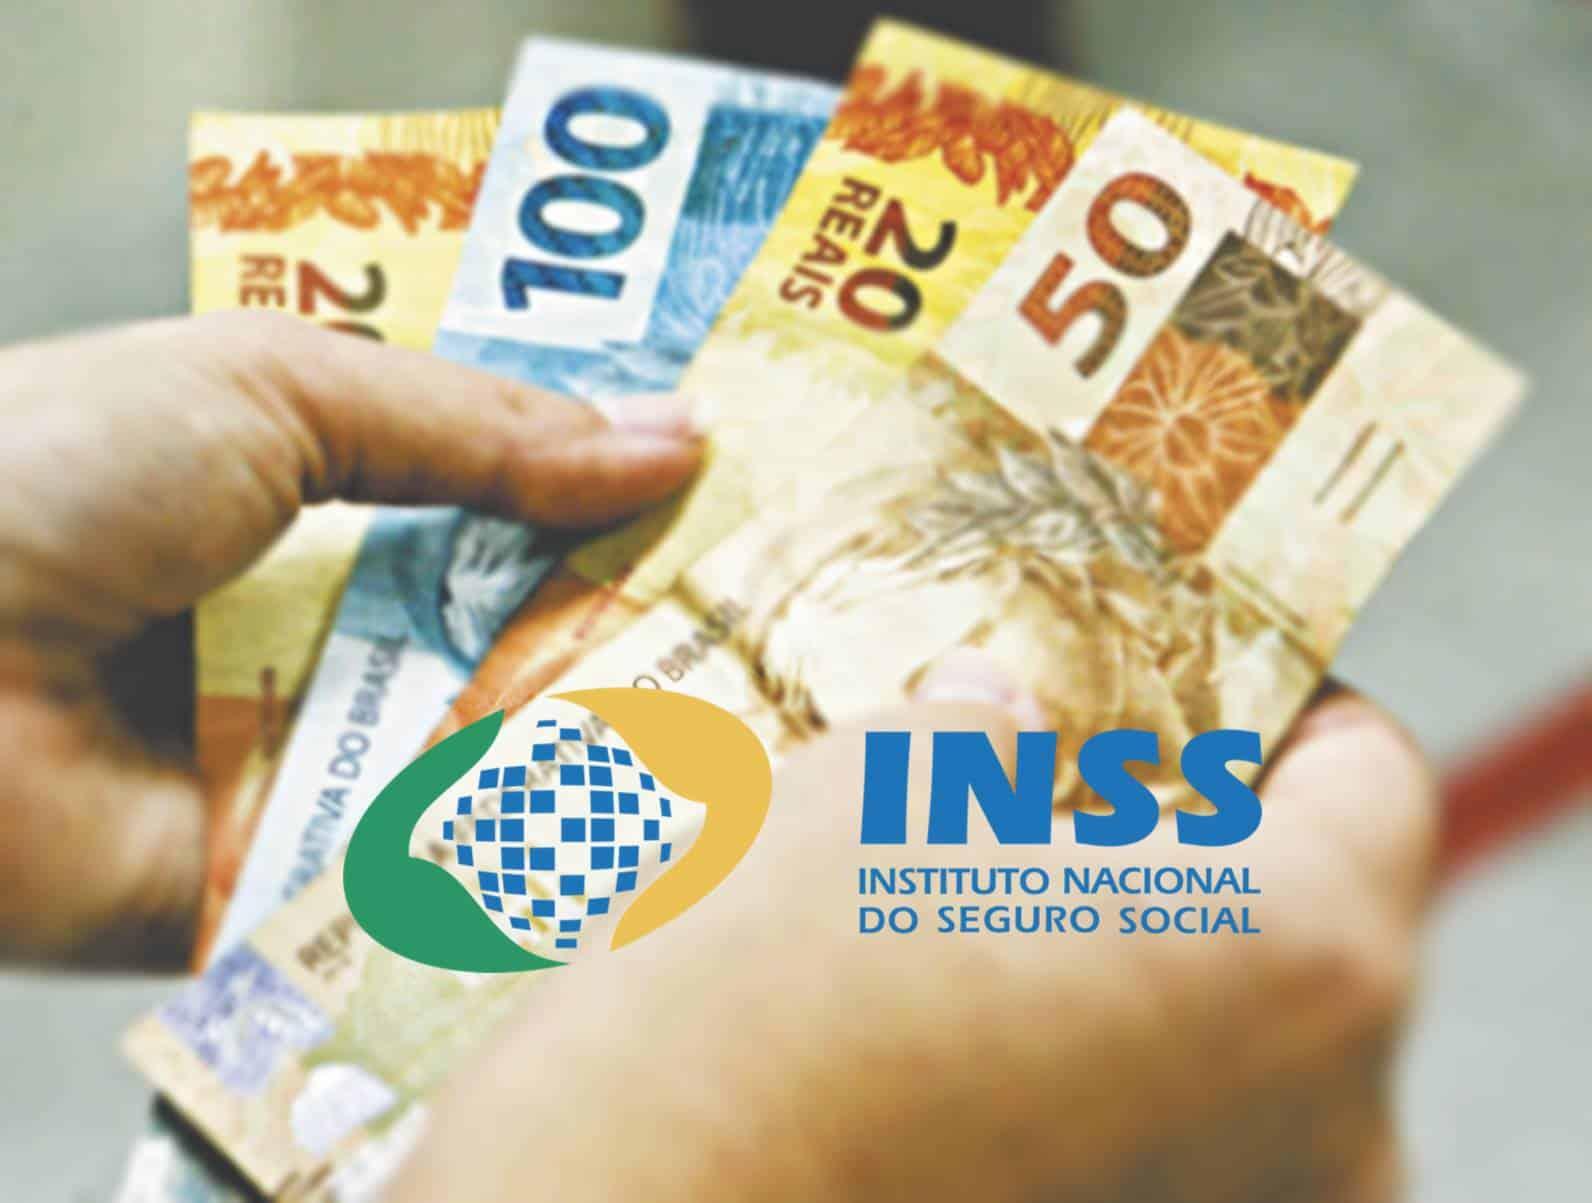 INSS: Justiça libera novos valores atrasados para pagar 63 mil aposentados e pensionistas